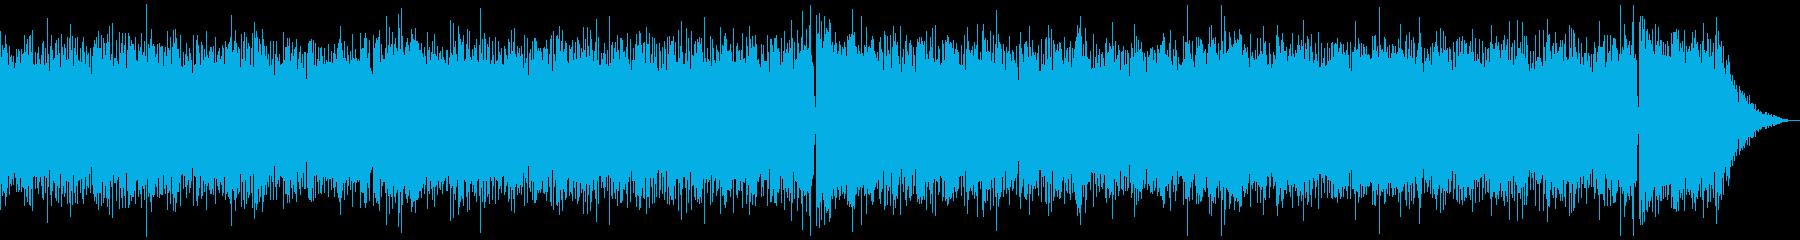 テケテケサウンドのサーフミュージックの再生済みの波形